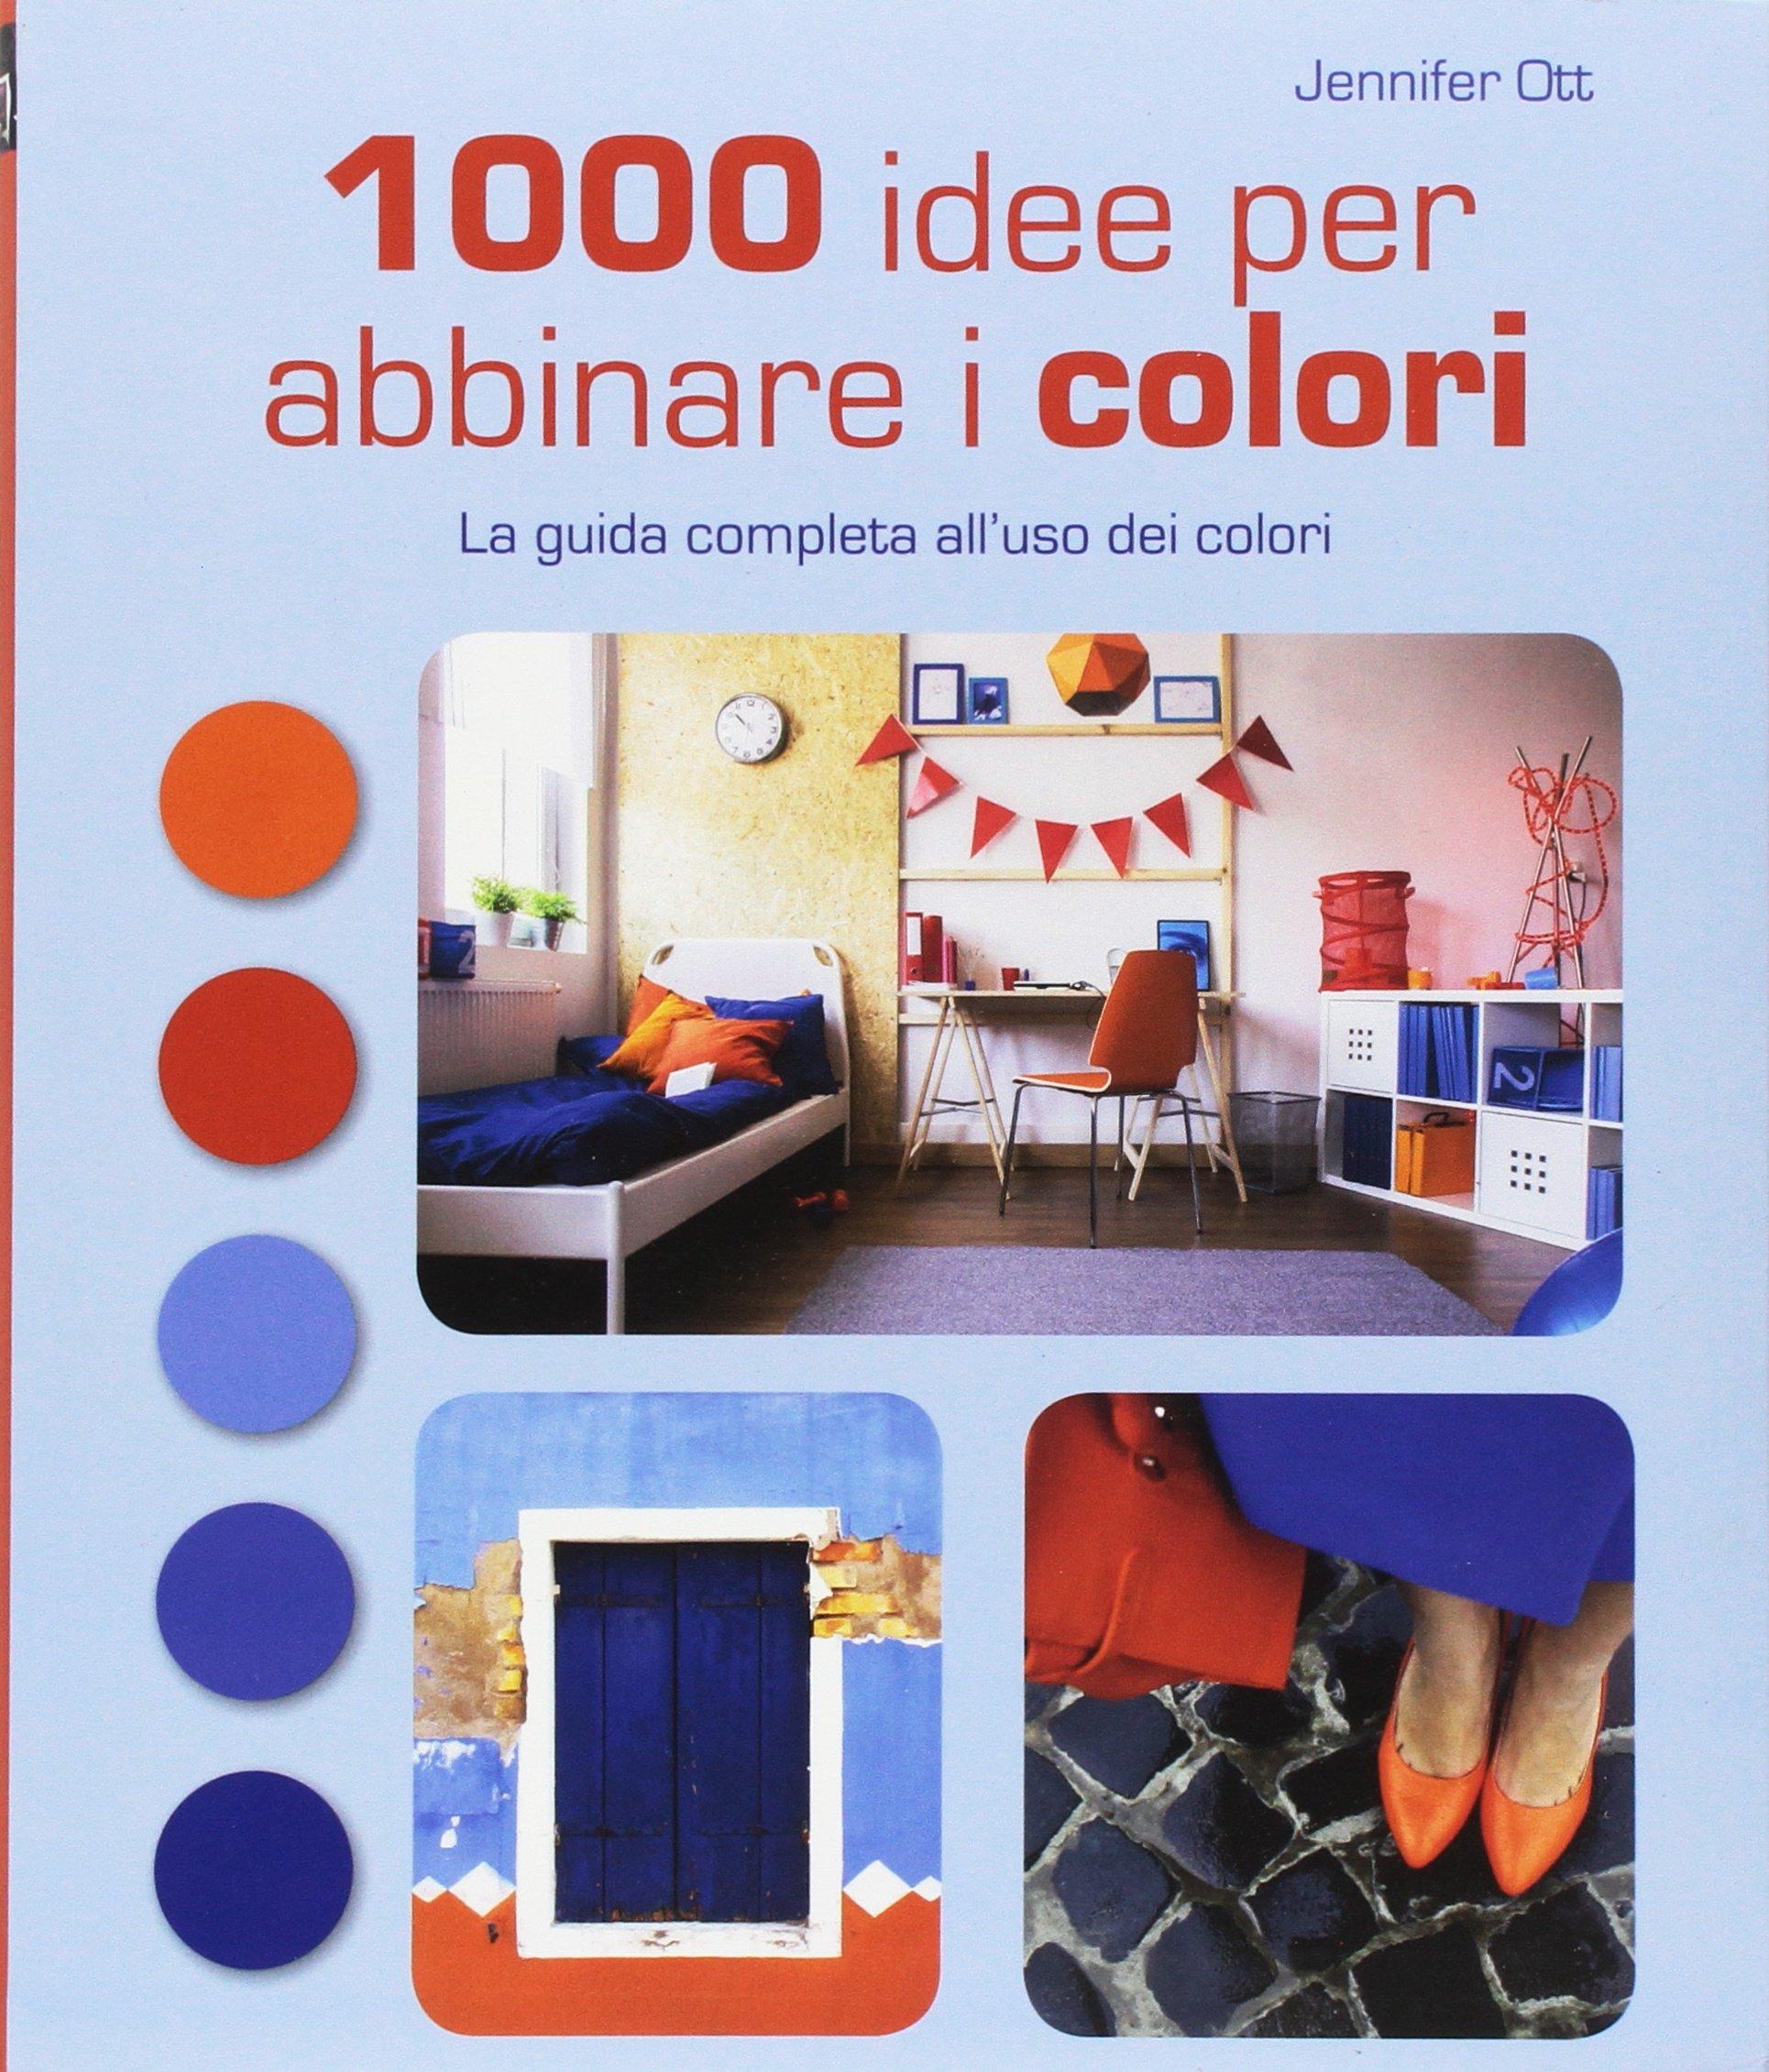 1000 idee per abbinare i colori. La guida completa all'uso dei colori Copertina flessibile – 2 nov 2017 Jennifer Ott P. Destro Il Castello 8865209224